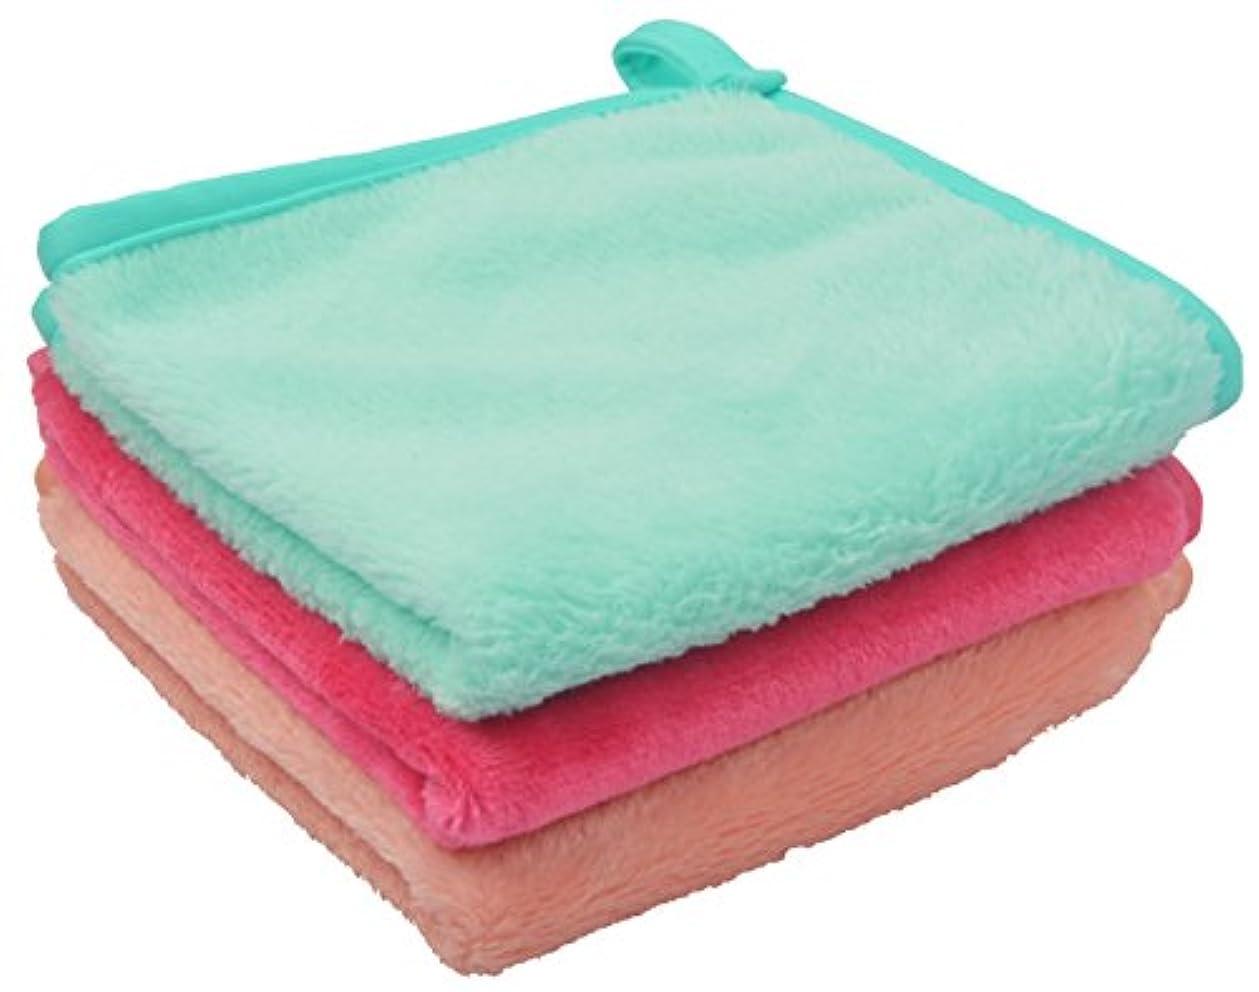 ジャケットきつくシガレットSinland メイク落としタオル 柔らかい クレンジング タオル 敏感肌用タオル (30cmx30cm, ライトグリーン+ピンク+オレンジ)